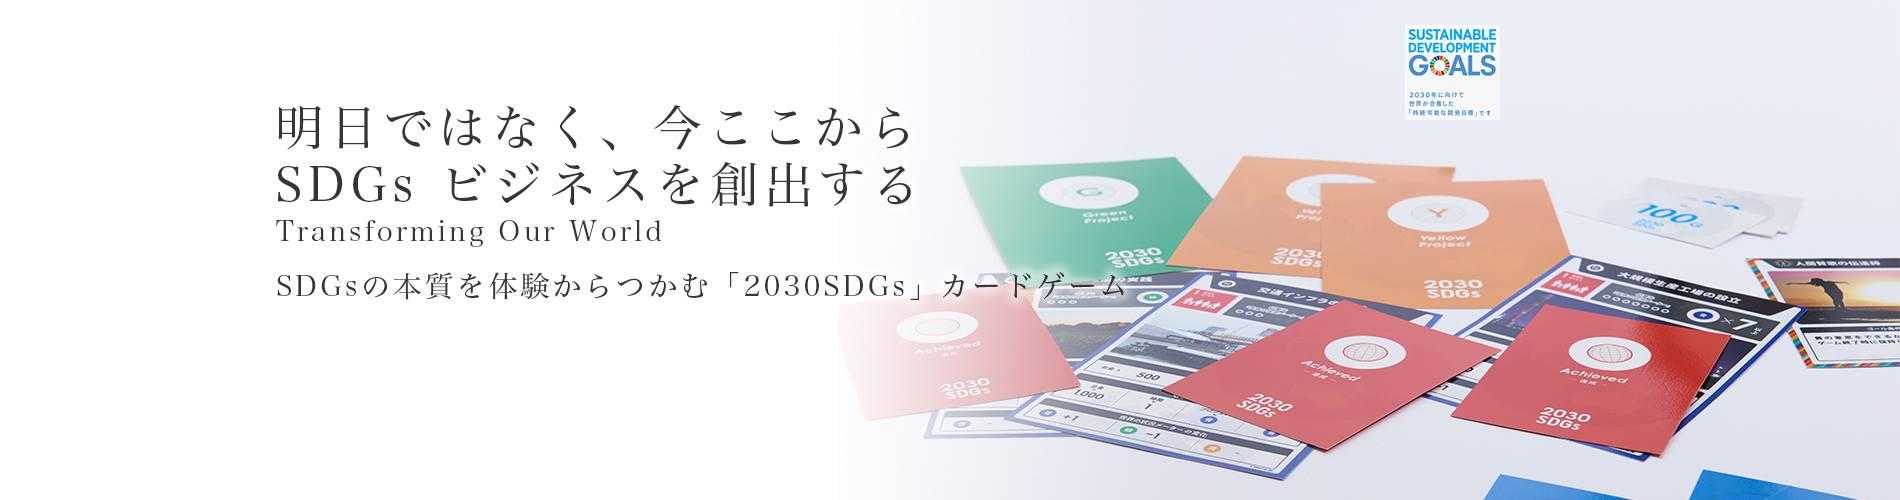 【カードゲーム体験会】ワークショップでSDGsを学ぶ-2030SDGs-